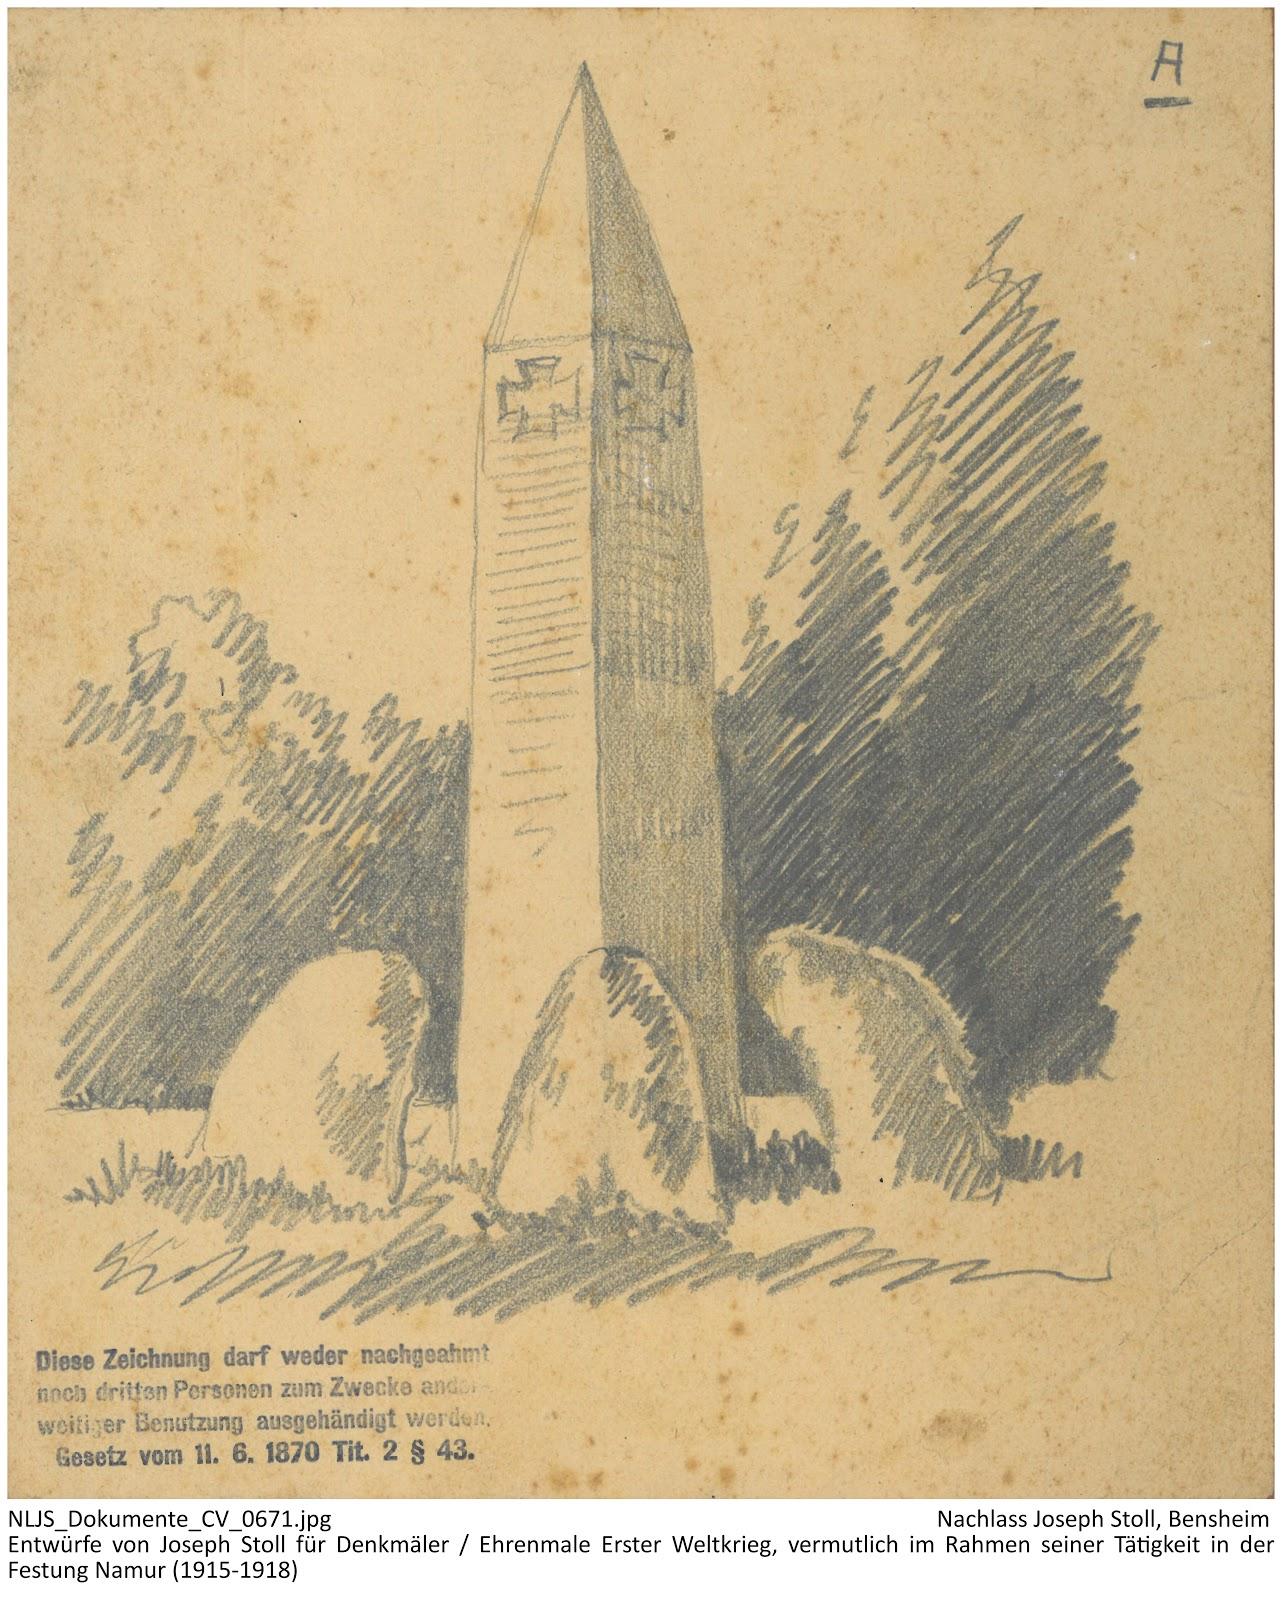 Joseph Stoll Bensheim